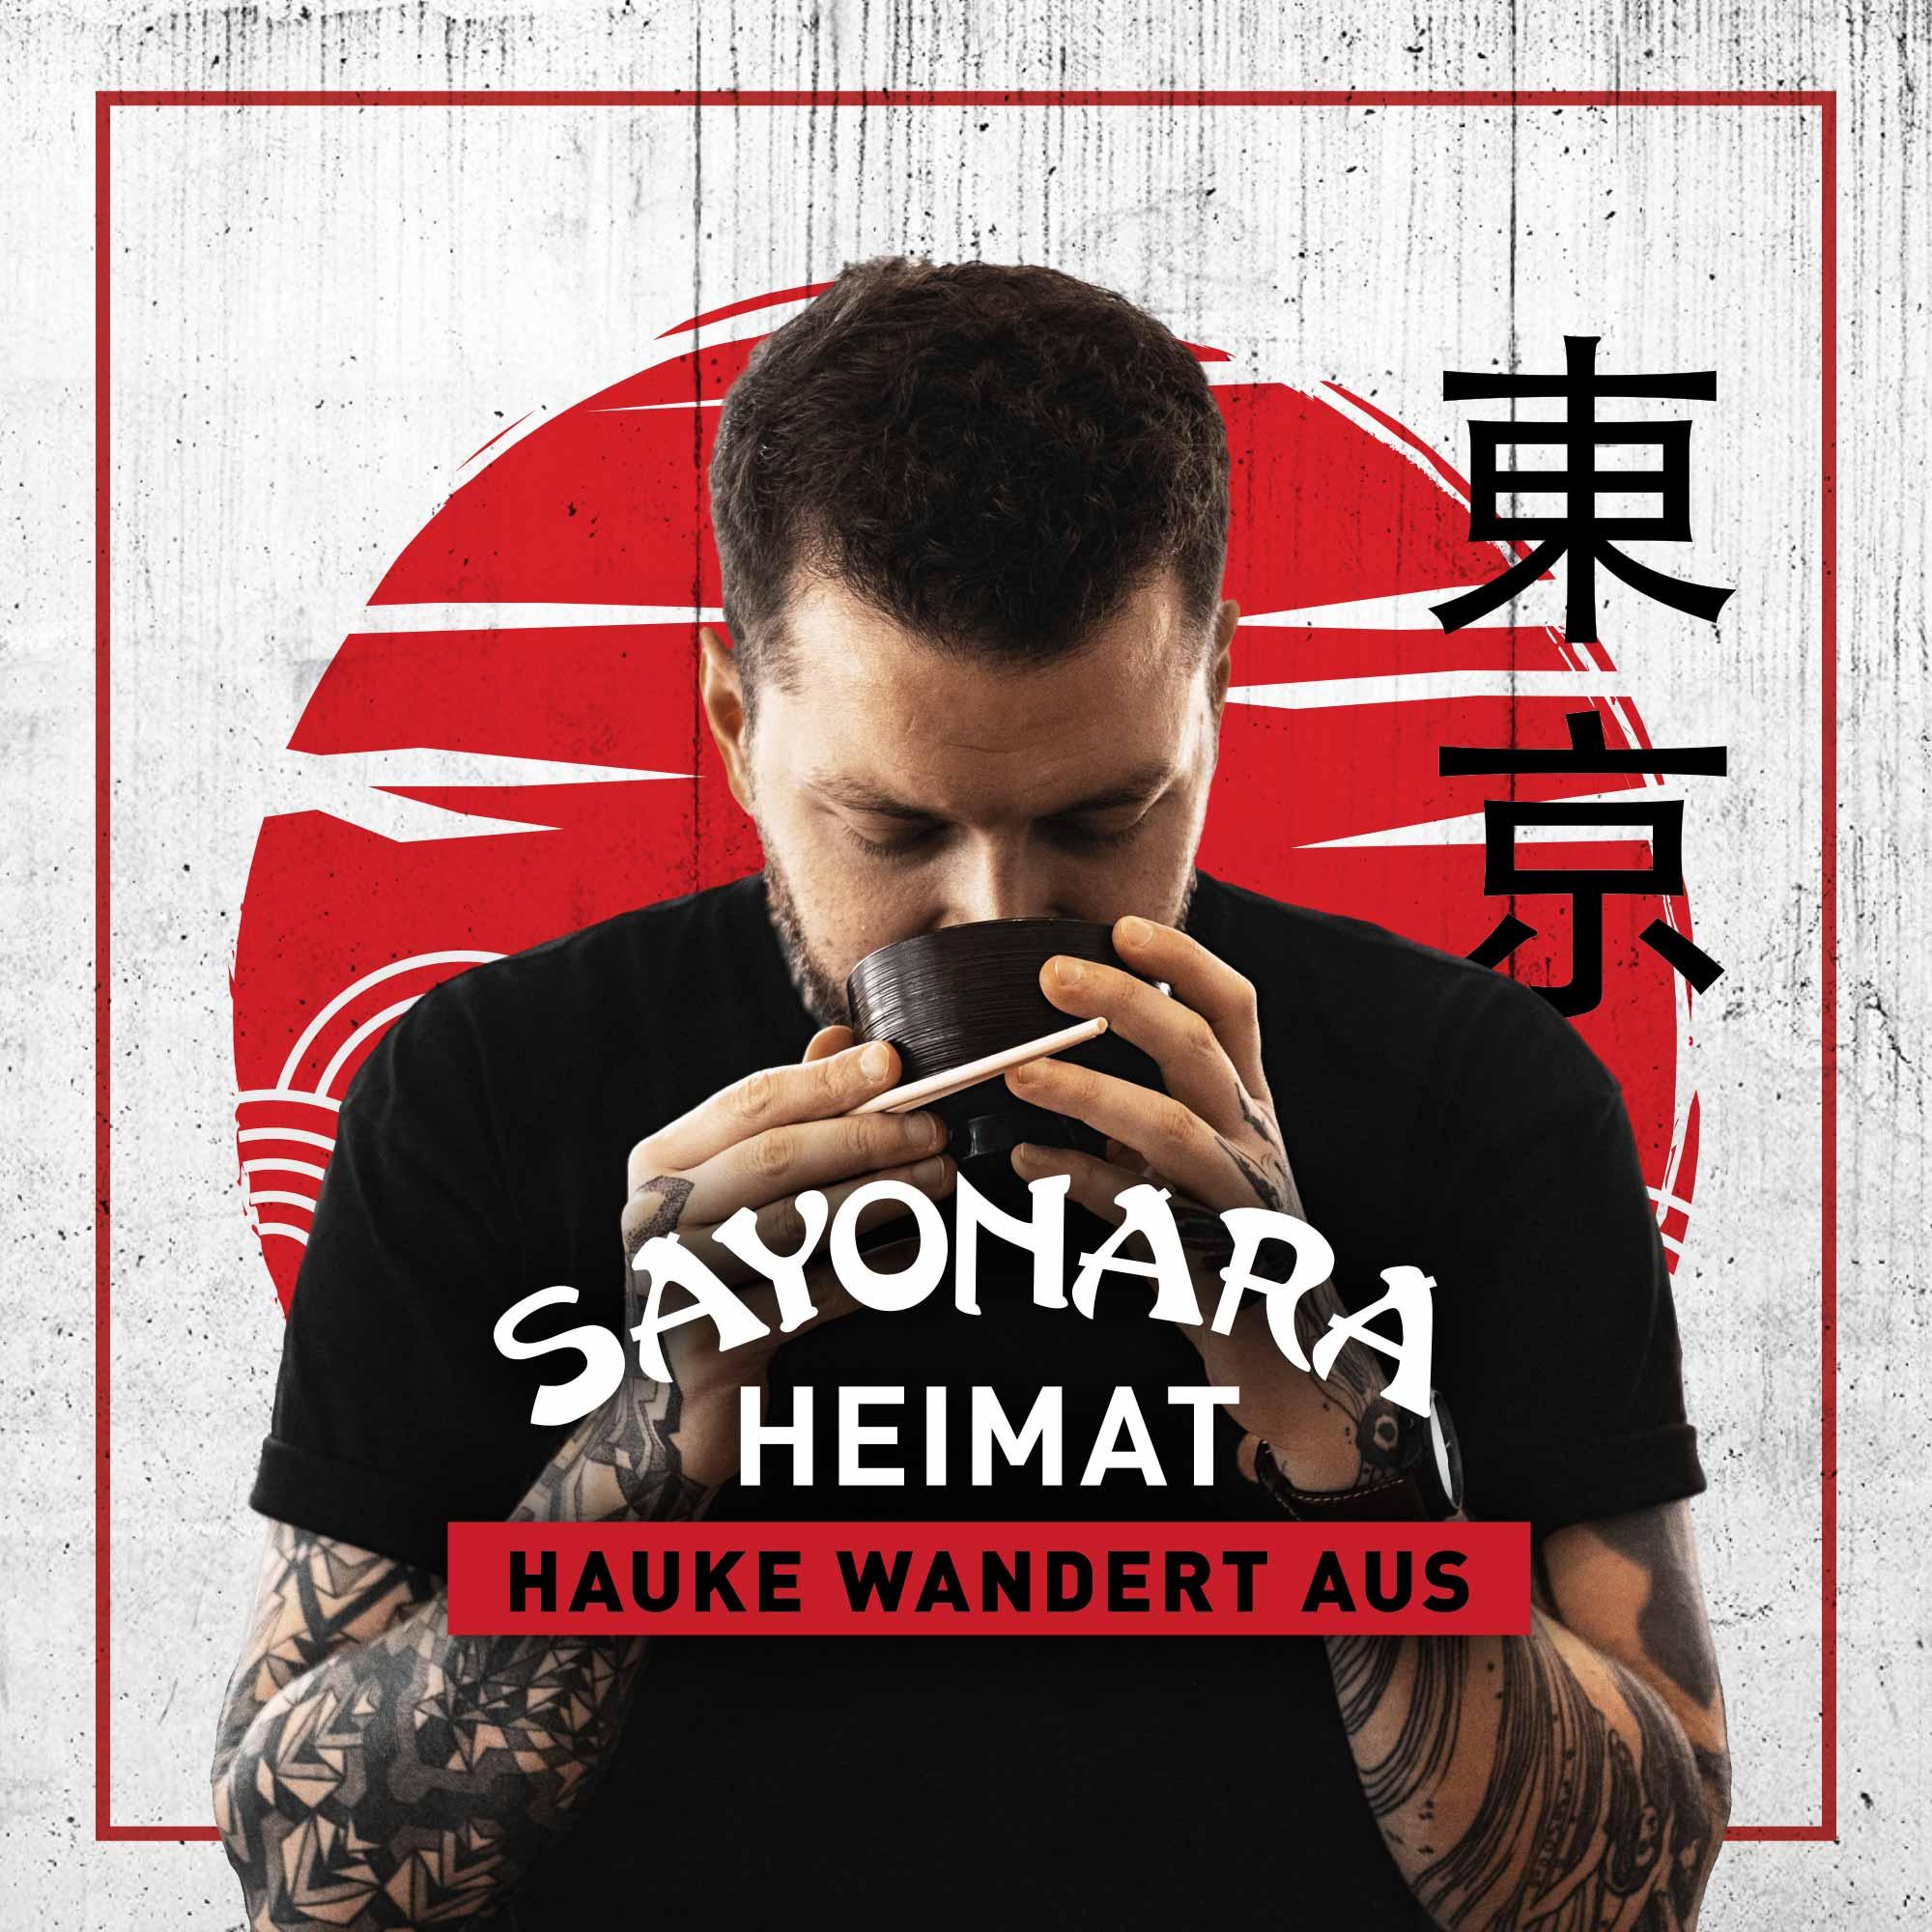 Sayonara_Cover